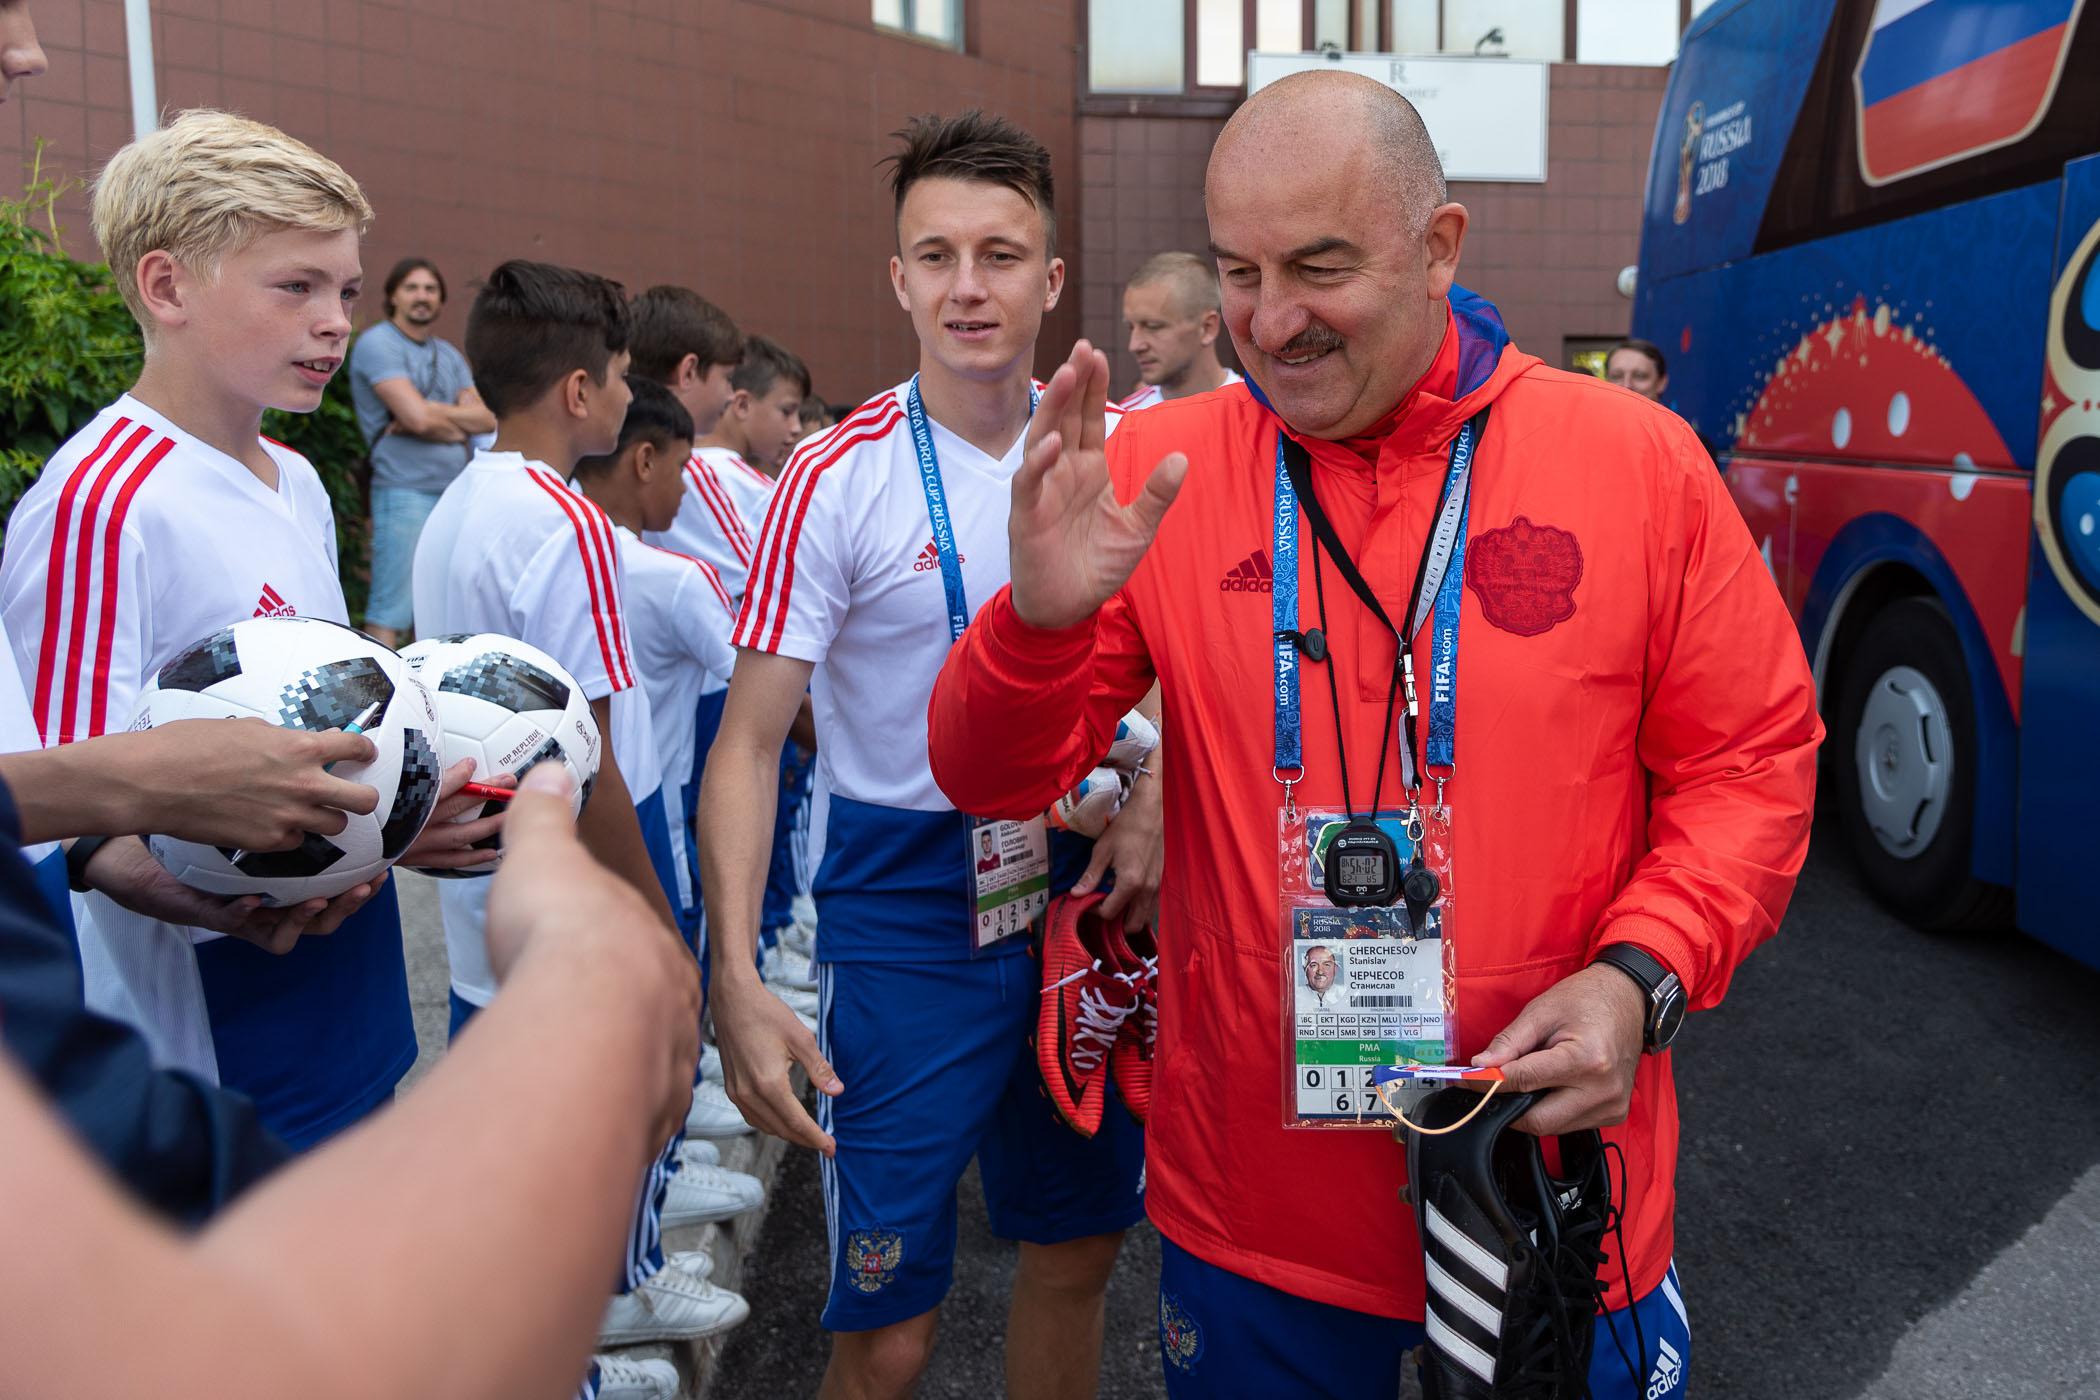 Сборная России по футболу прибыла в Самару, где в понедельник состоится матч Россия-Уругвай.